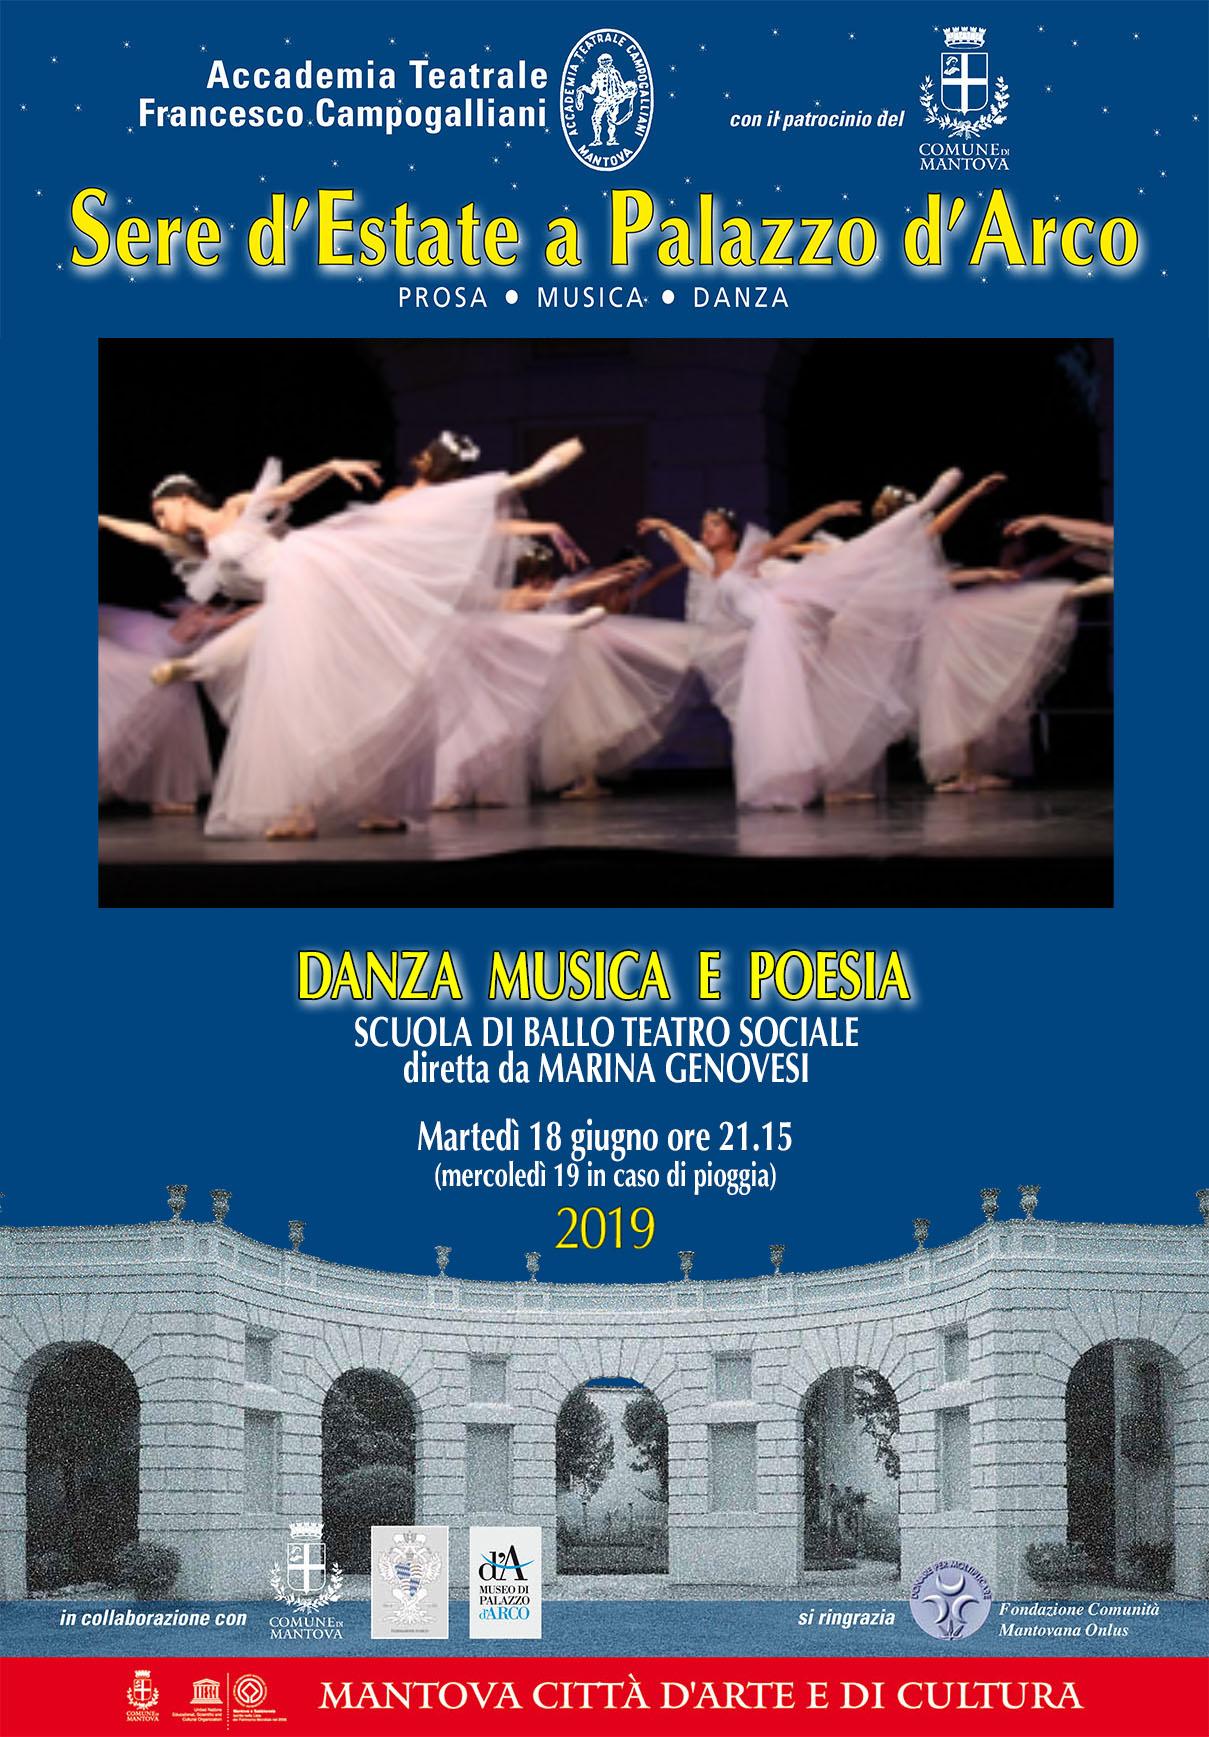 Danza Musica e Poesia